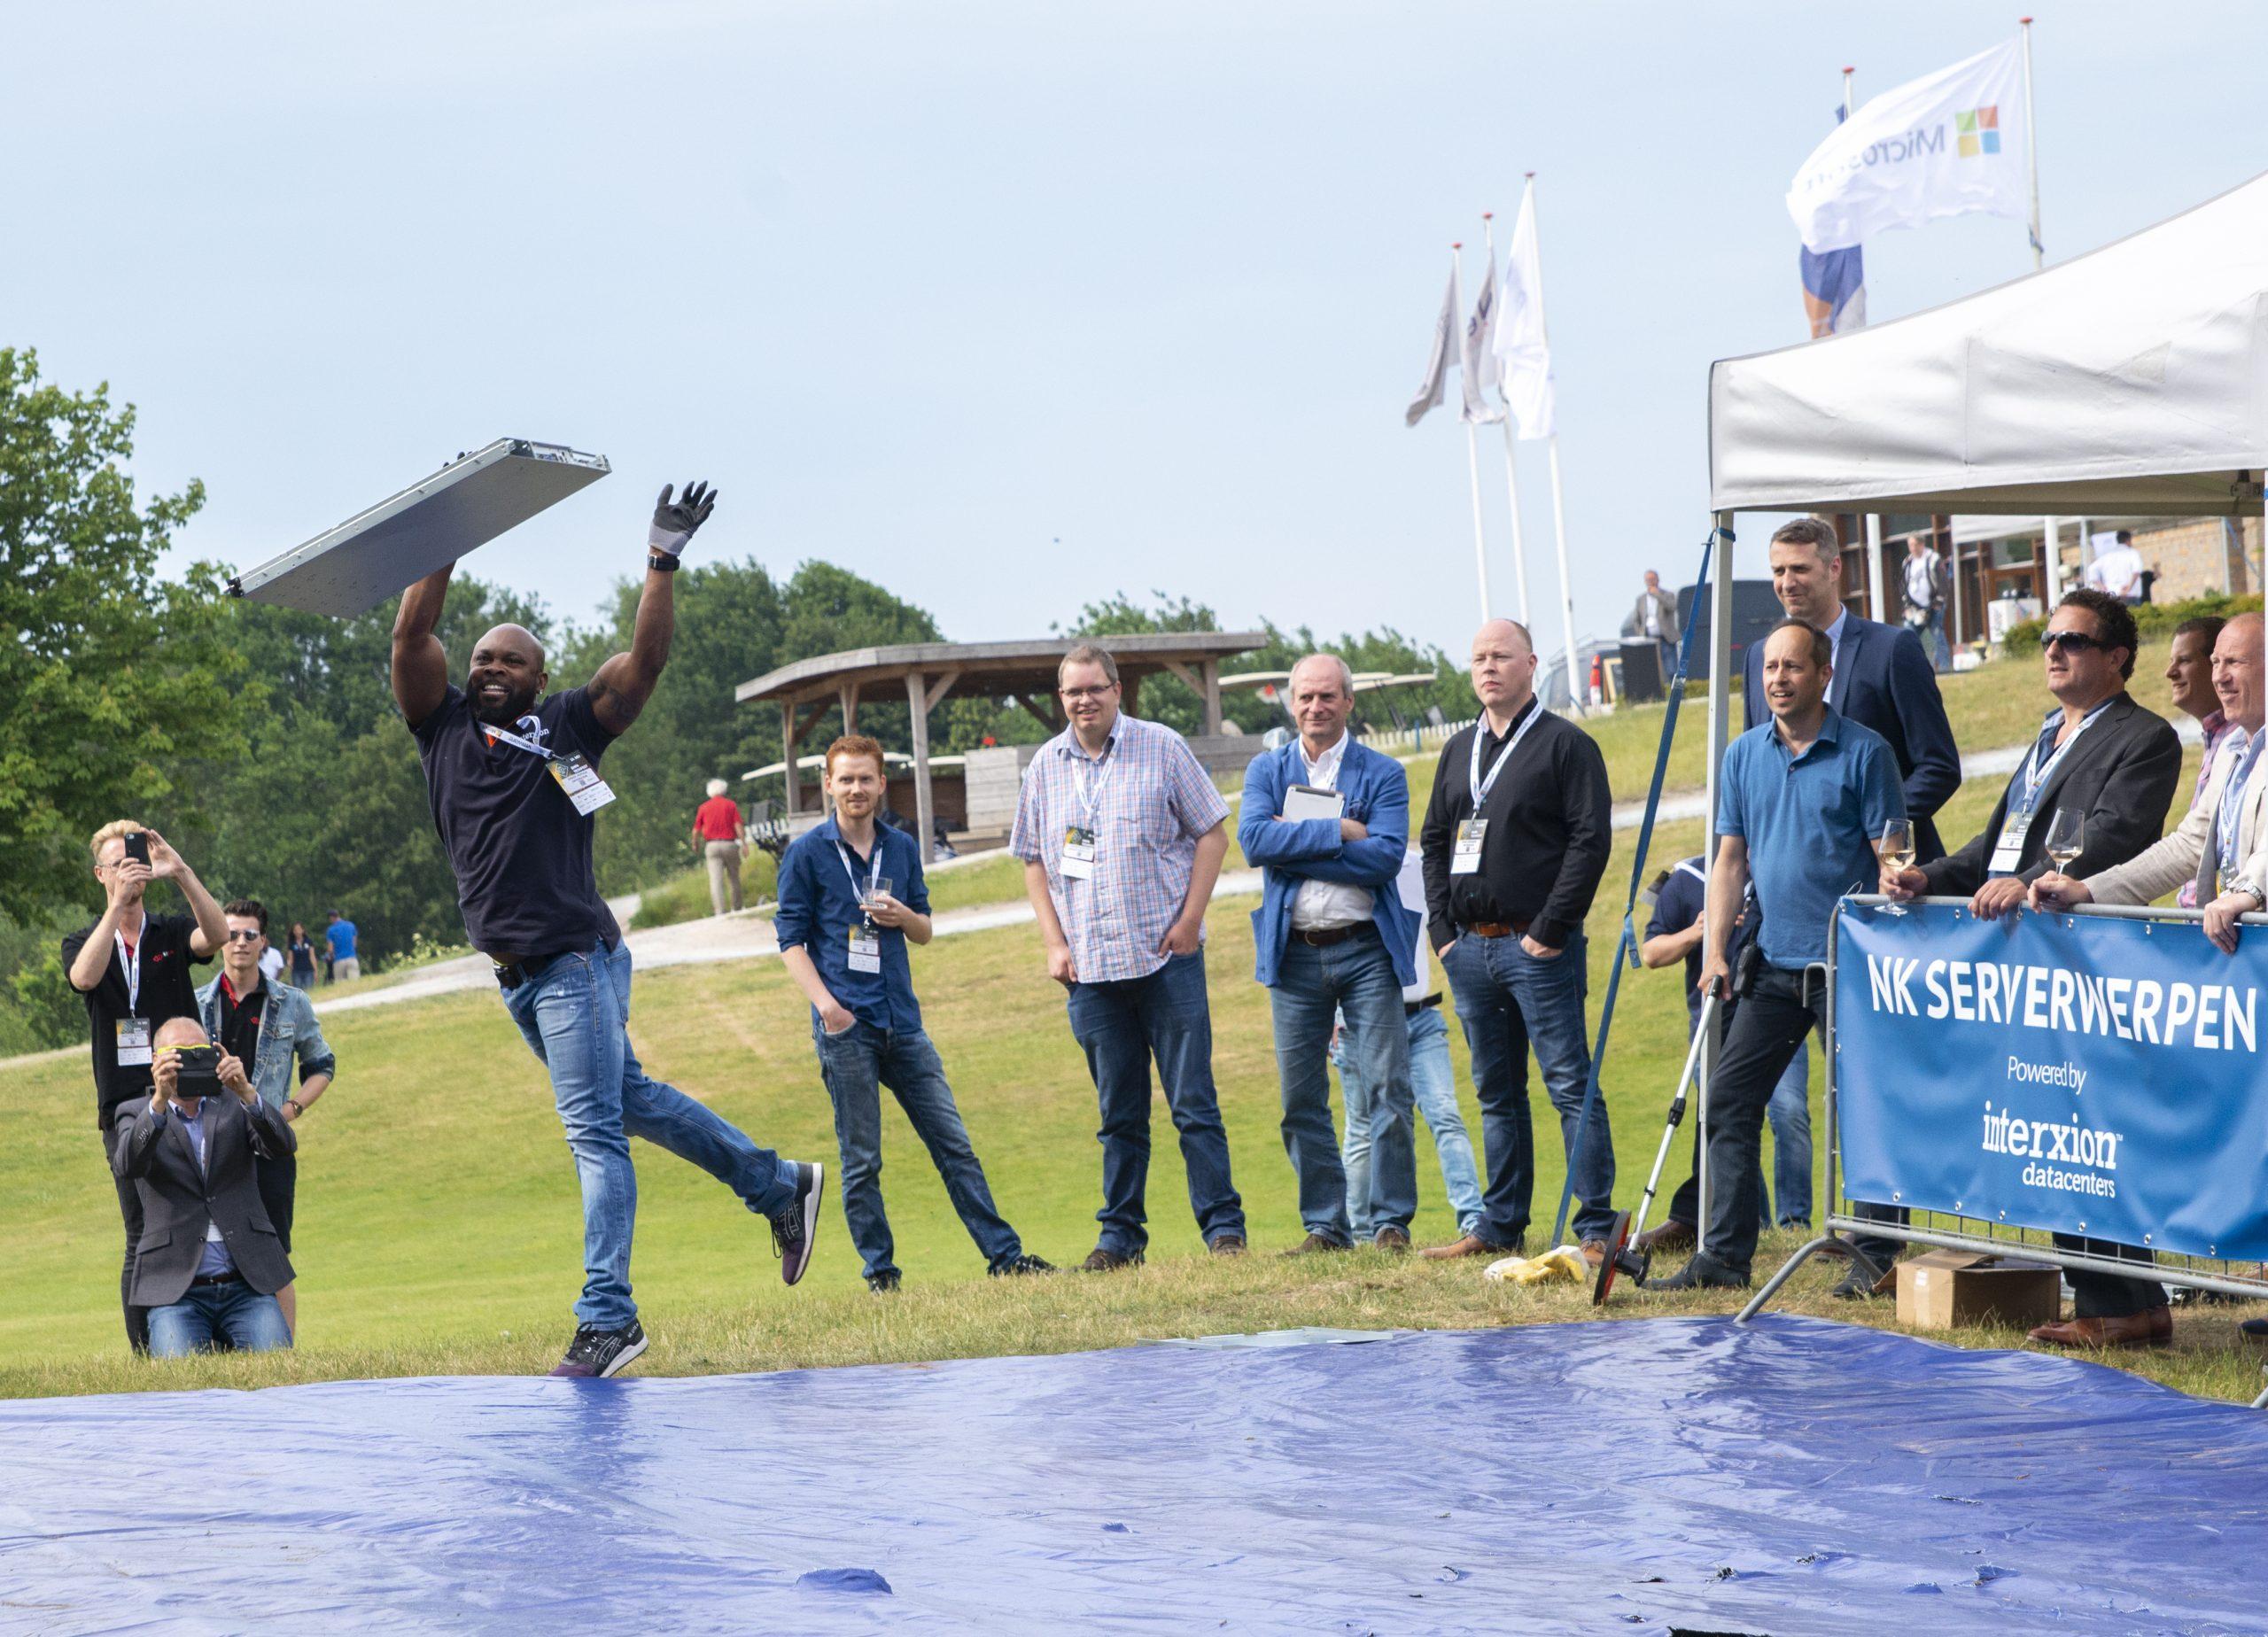 Serverwerpen, Nederlands kampioenschap, conferentie